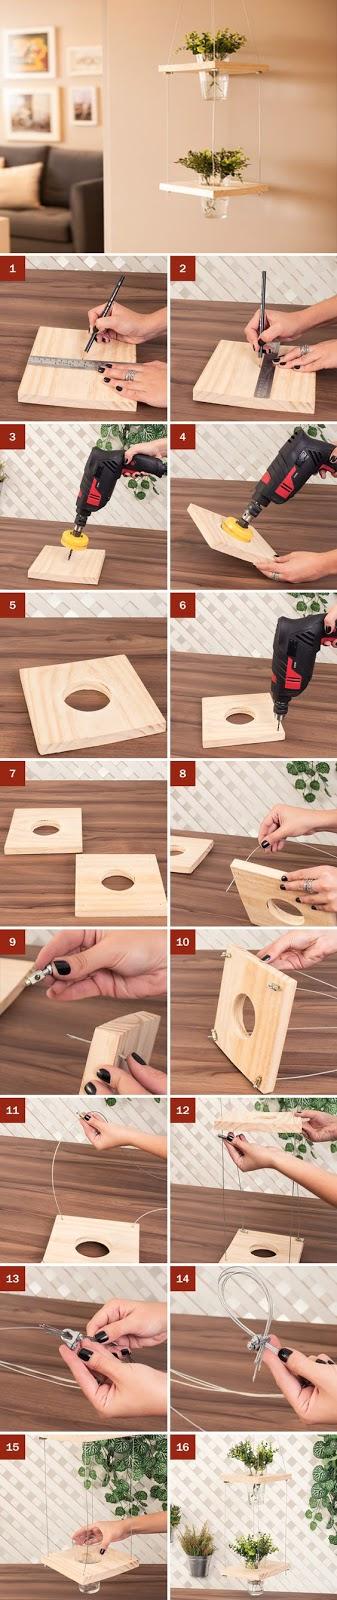 Manualidad de madera para decorar el hogar con plantas